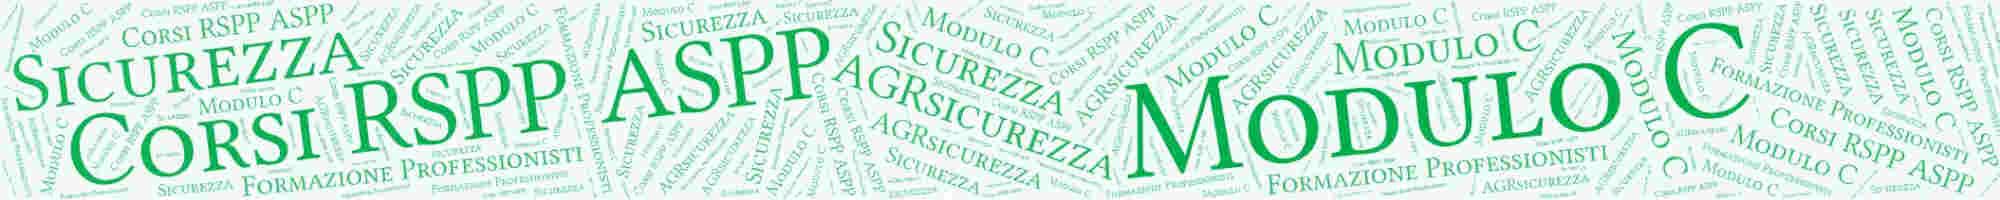 Corso_Modulo_C_rspp